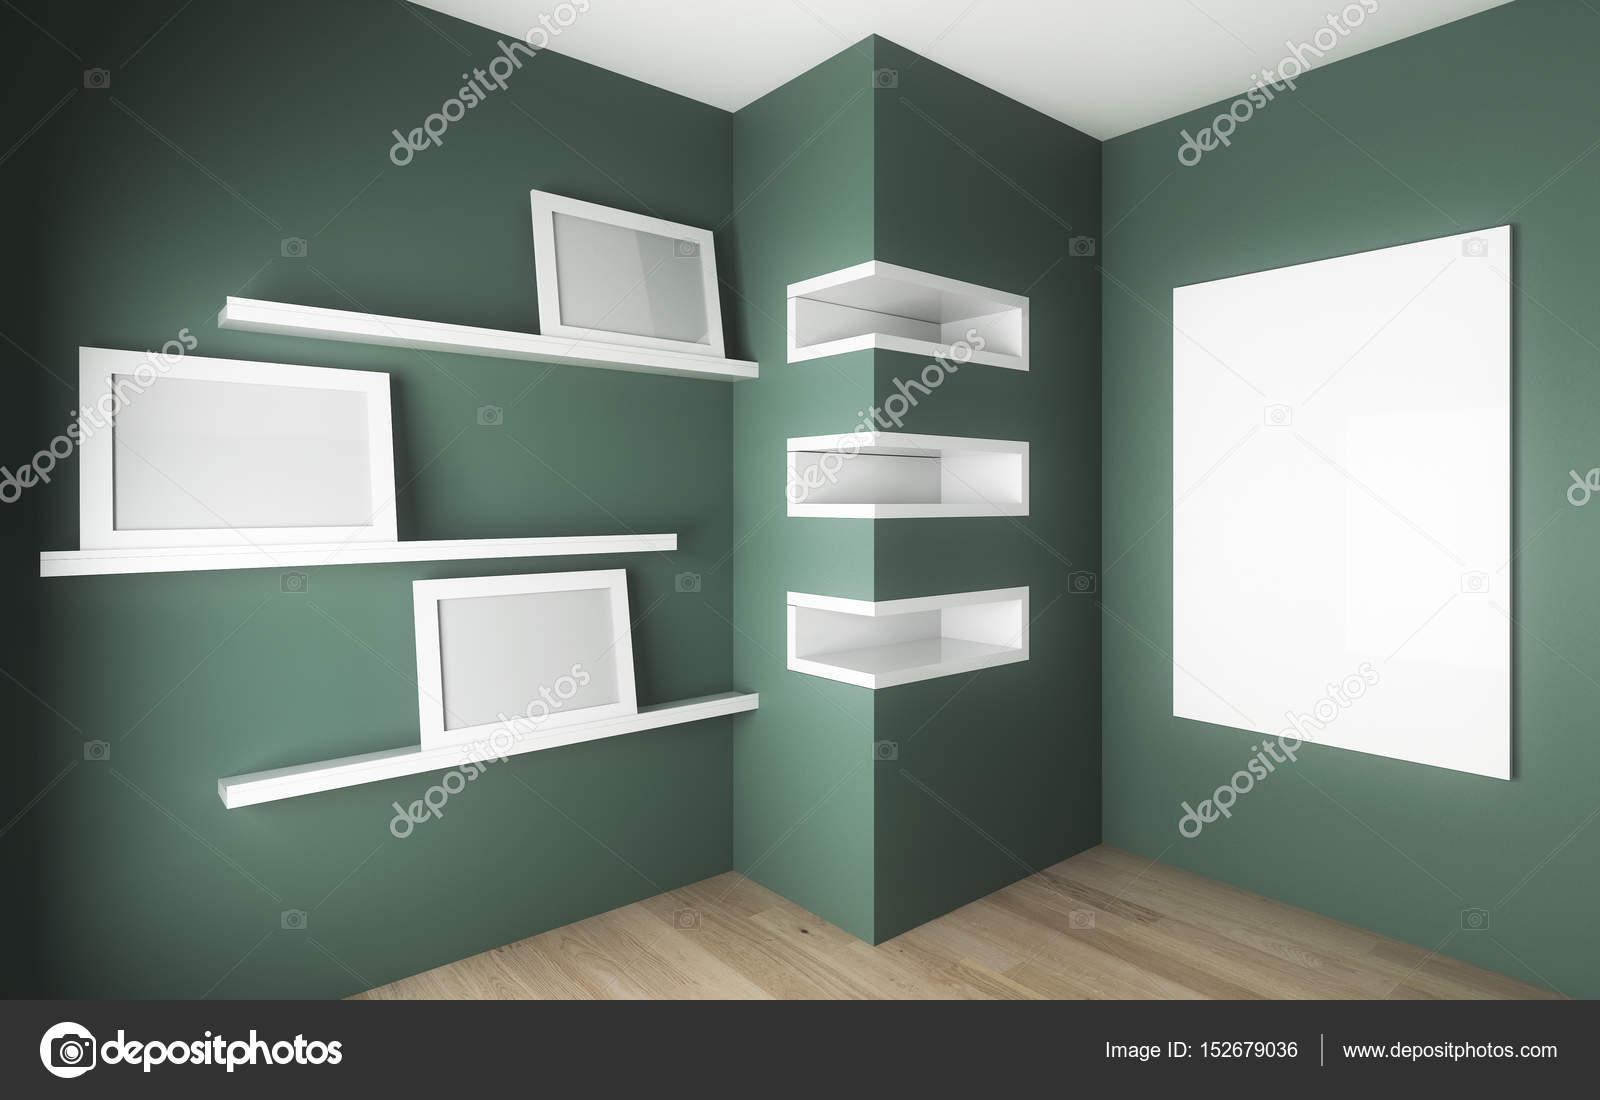 Chambre Avec Armoire Et Etagere Photographie Sumetho C 152679036